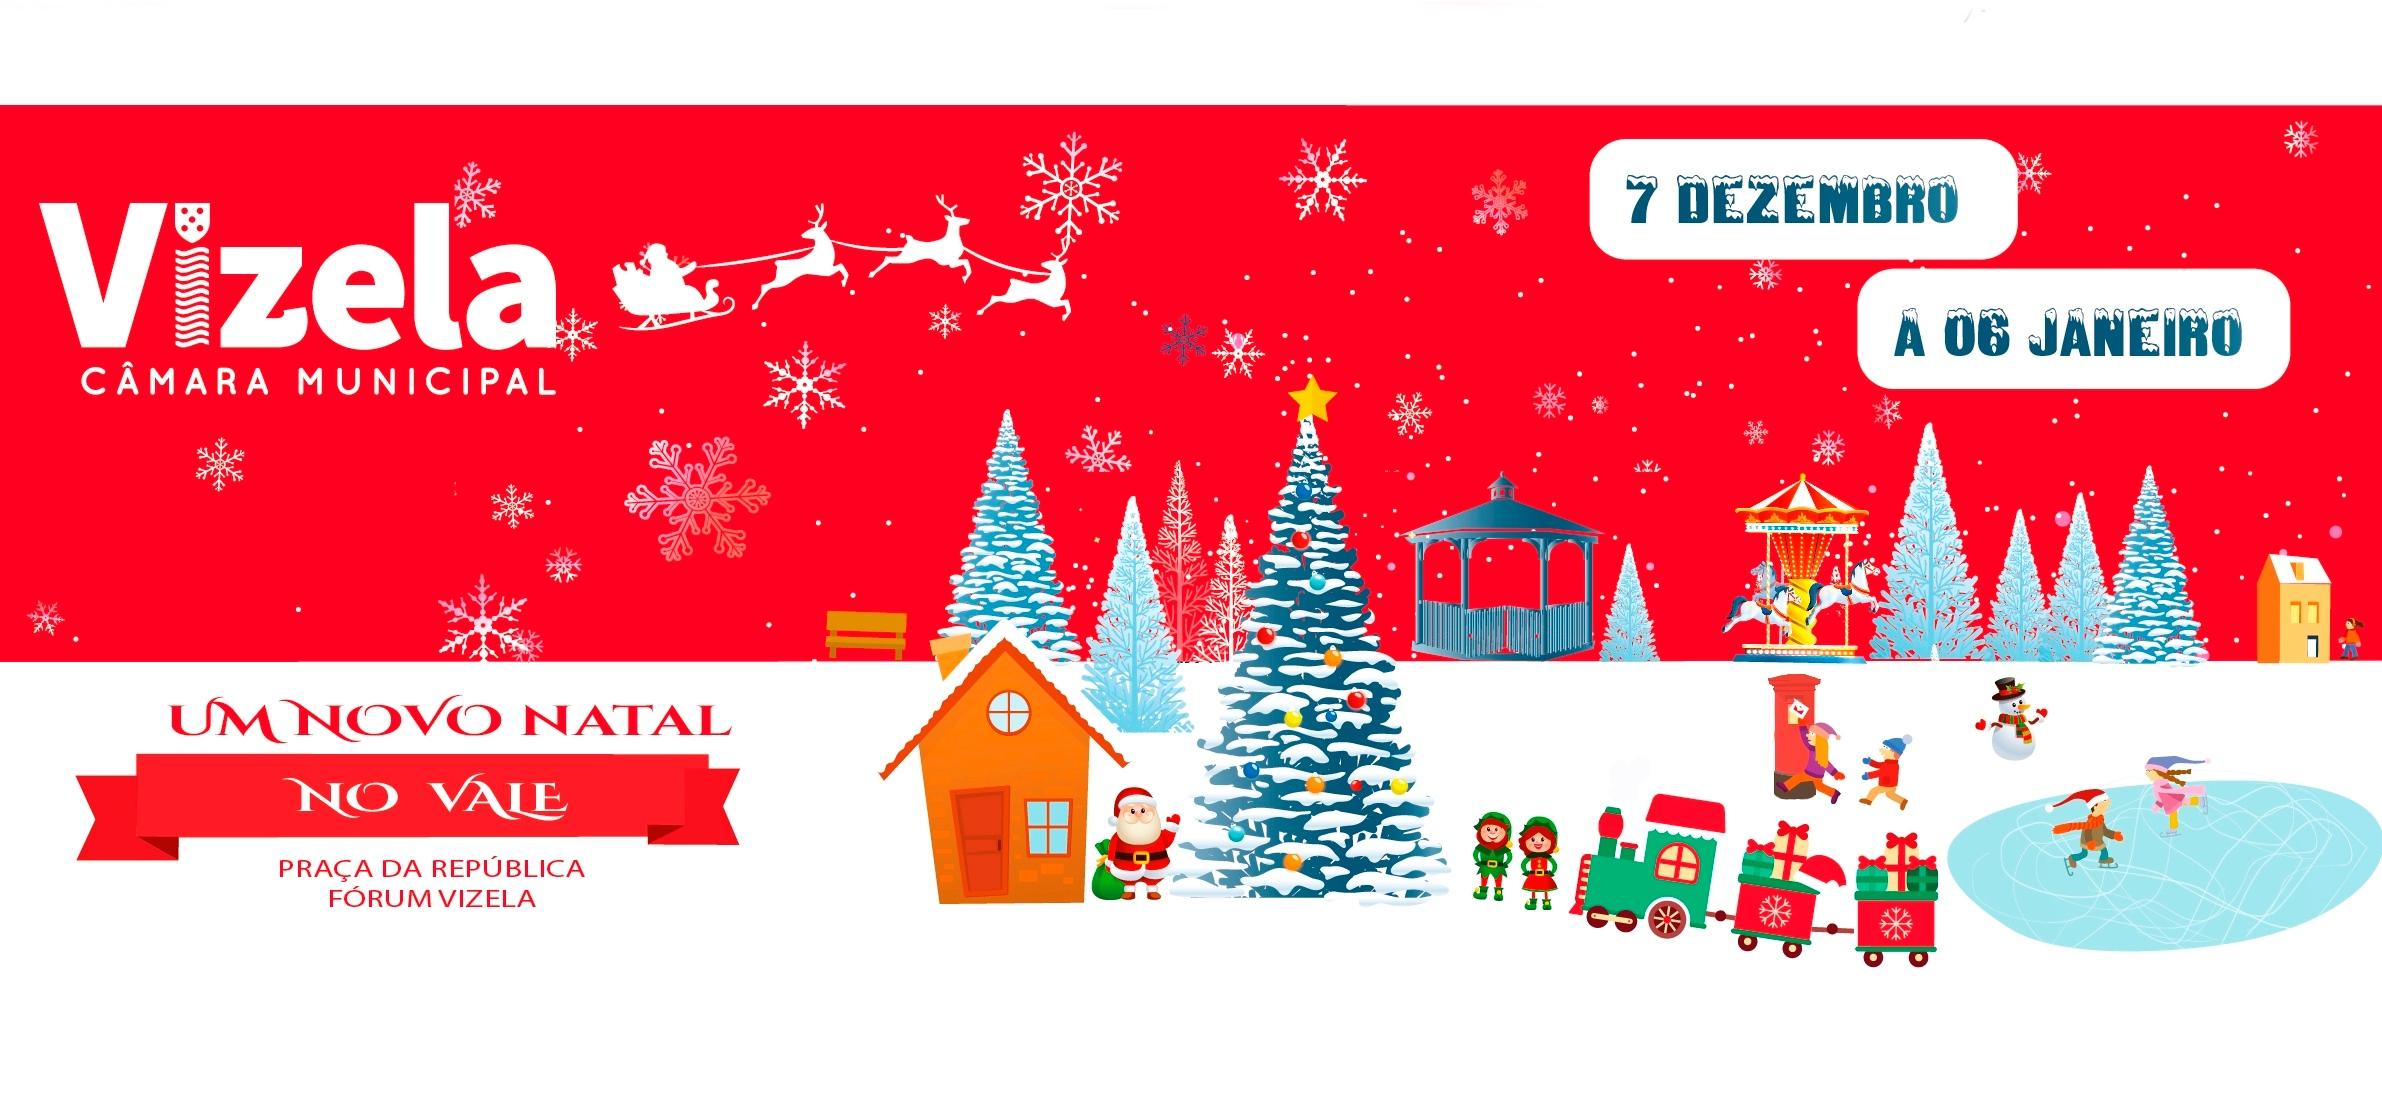 Vizela Cidade Natal abre as portas no próximo sábado